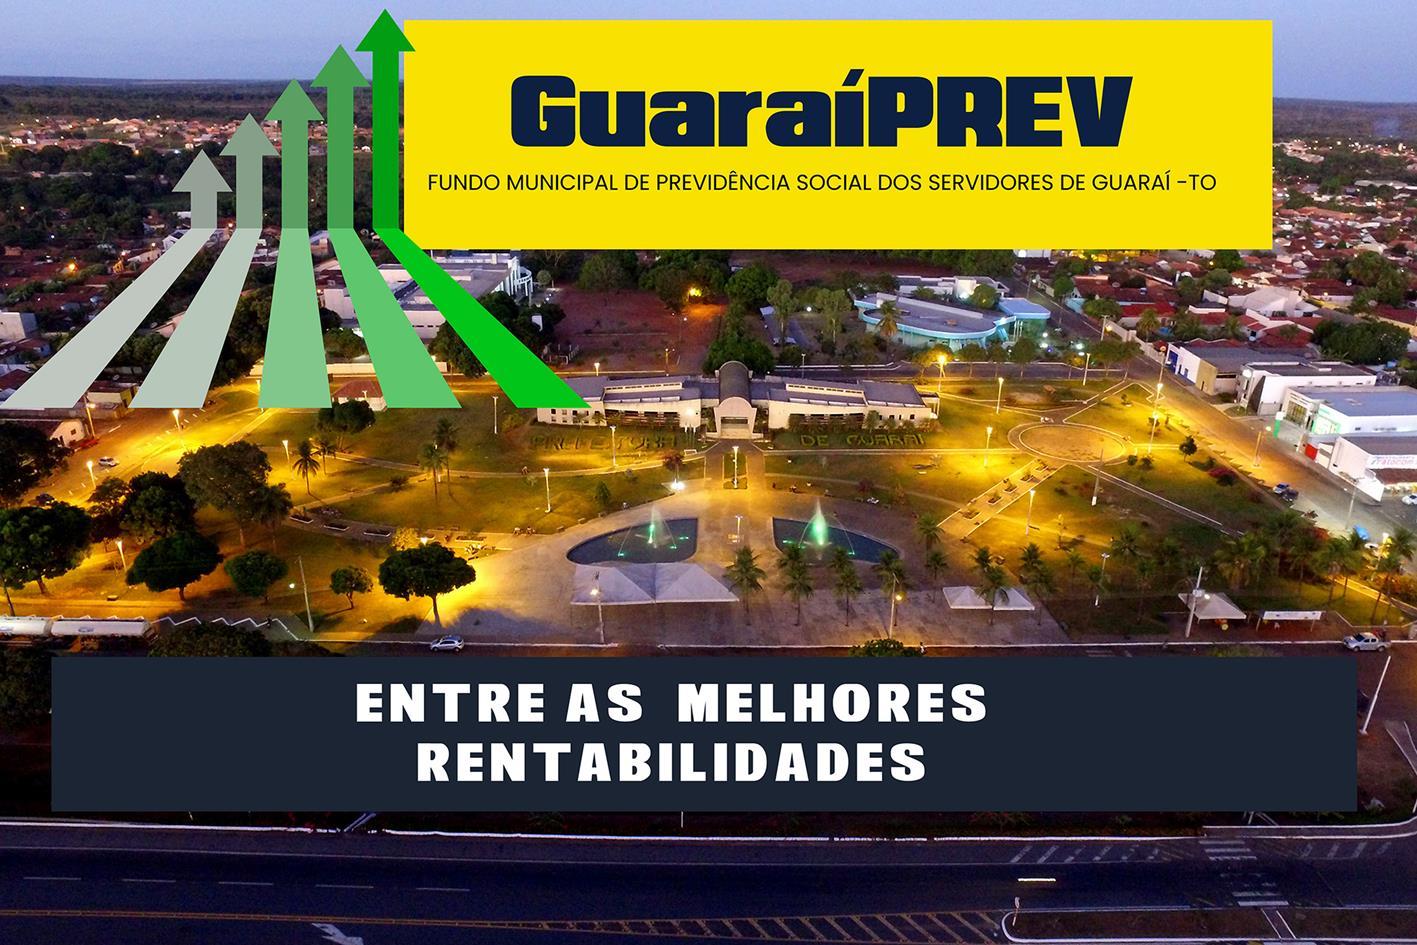 Com R$ 9,4 milhões de patrimônio líquido, GuaraíPREV é um dos mais rentáveis do Tocantins